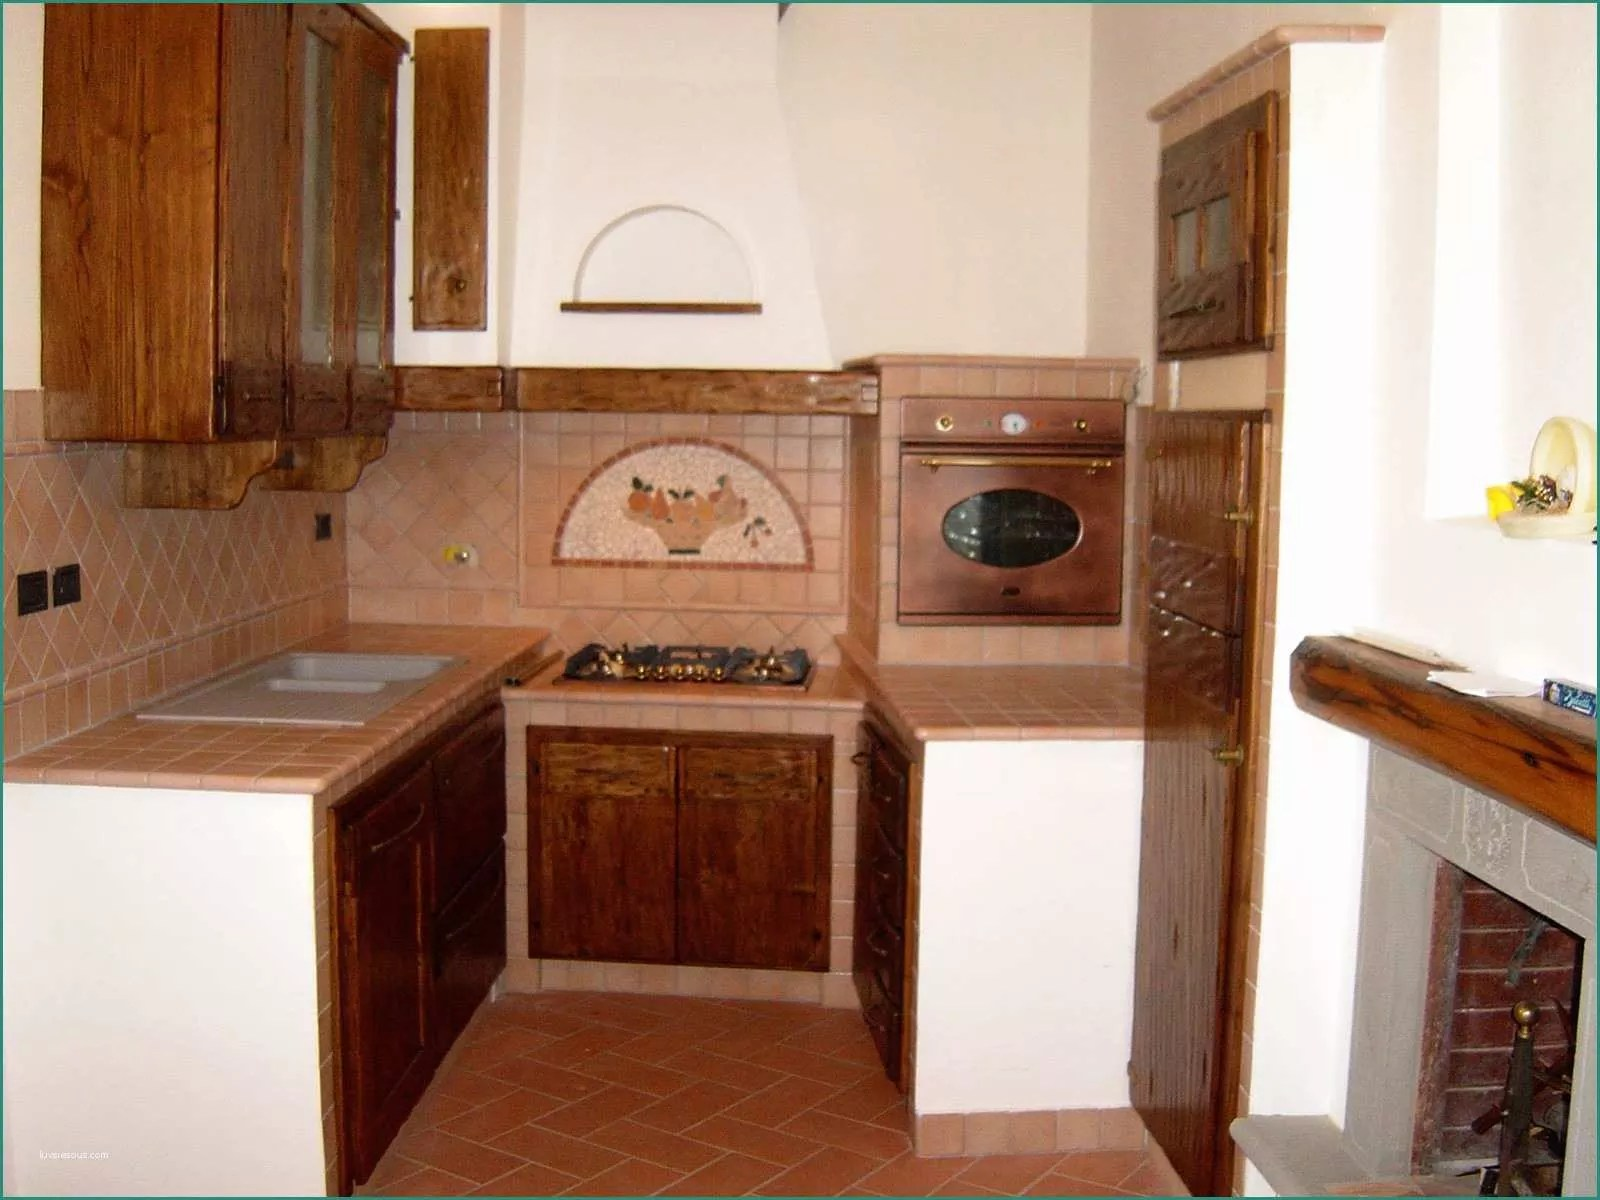 Progettare Una Cucina In Muratura - Idee per la ...